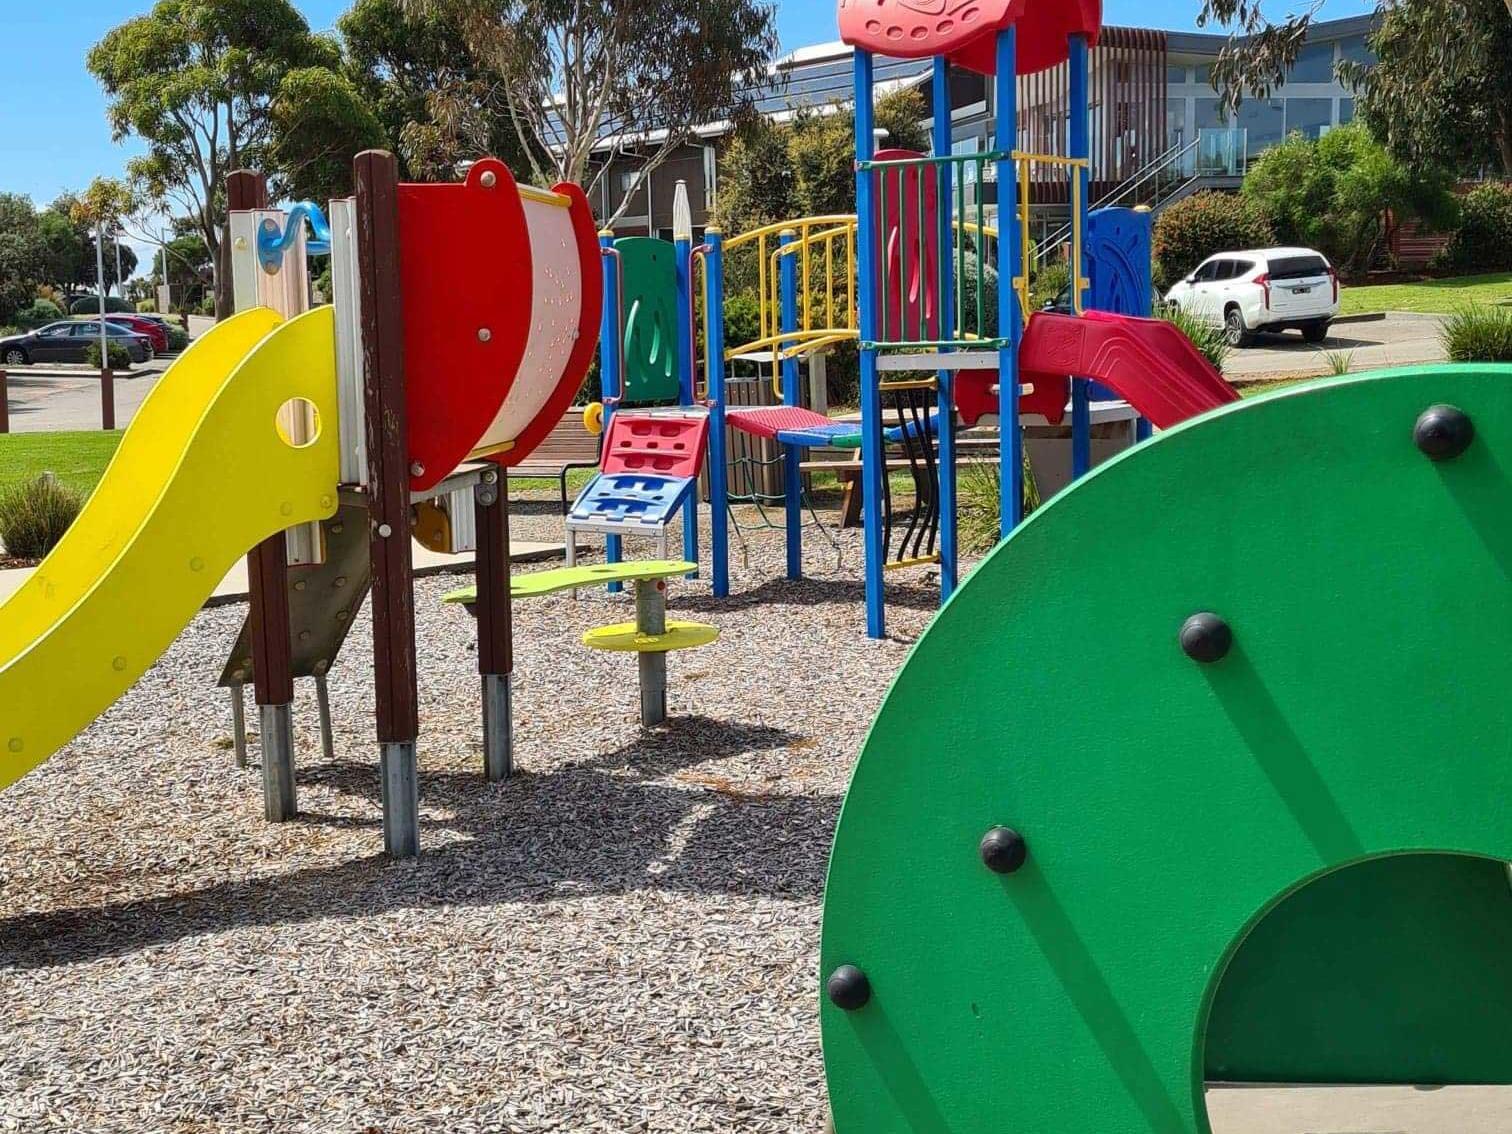 2 Slides in Children's playground at Silverwater Resort